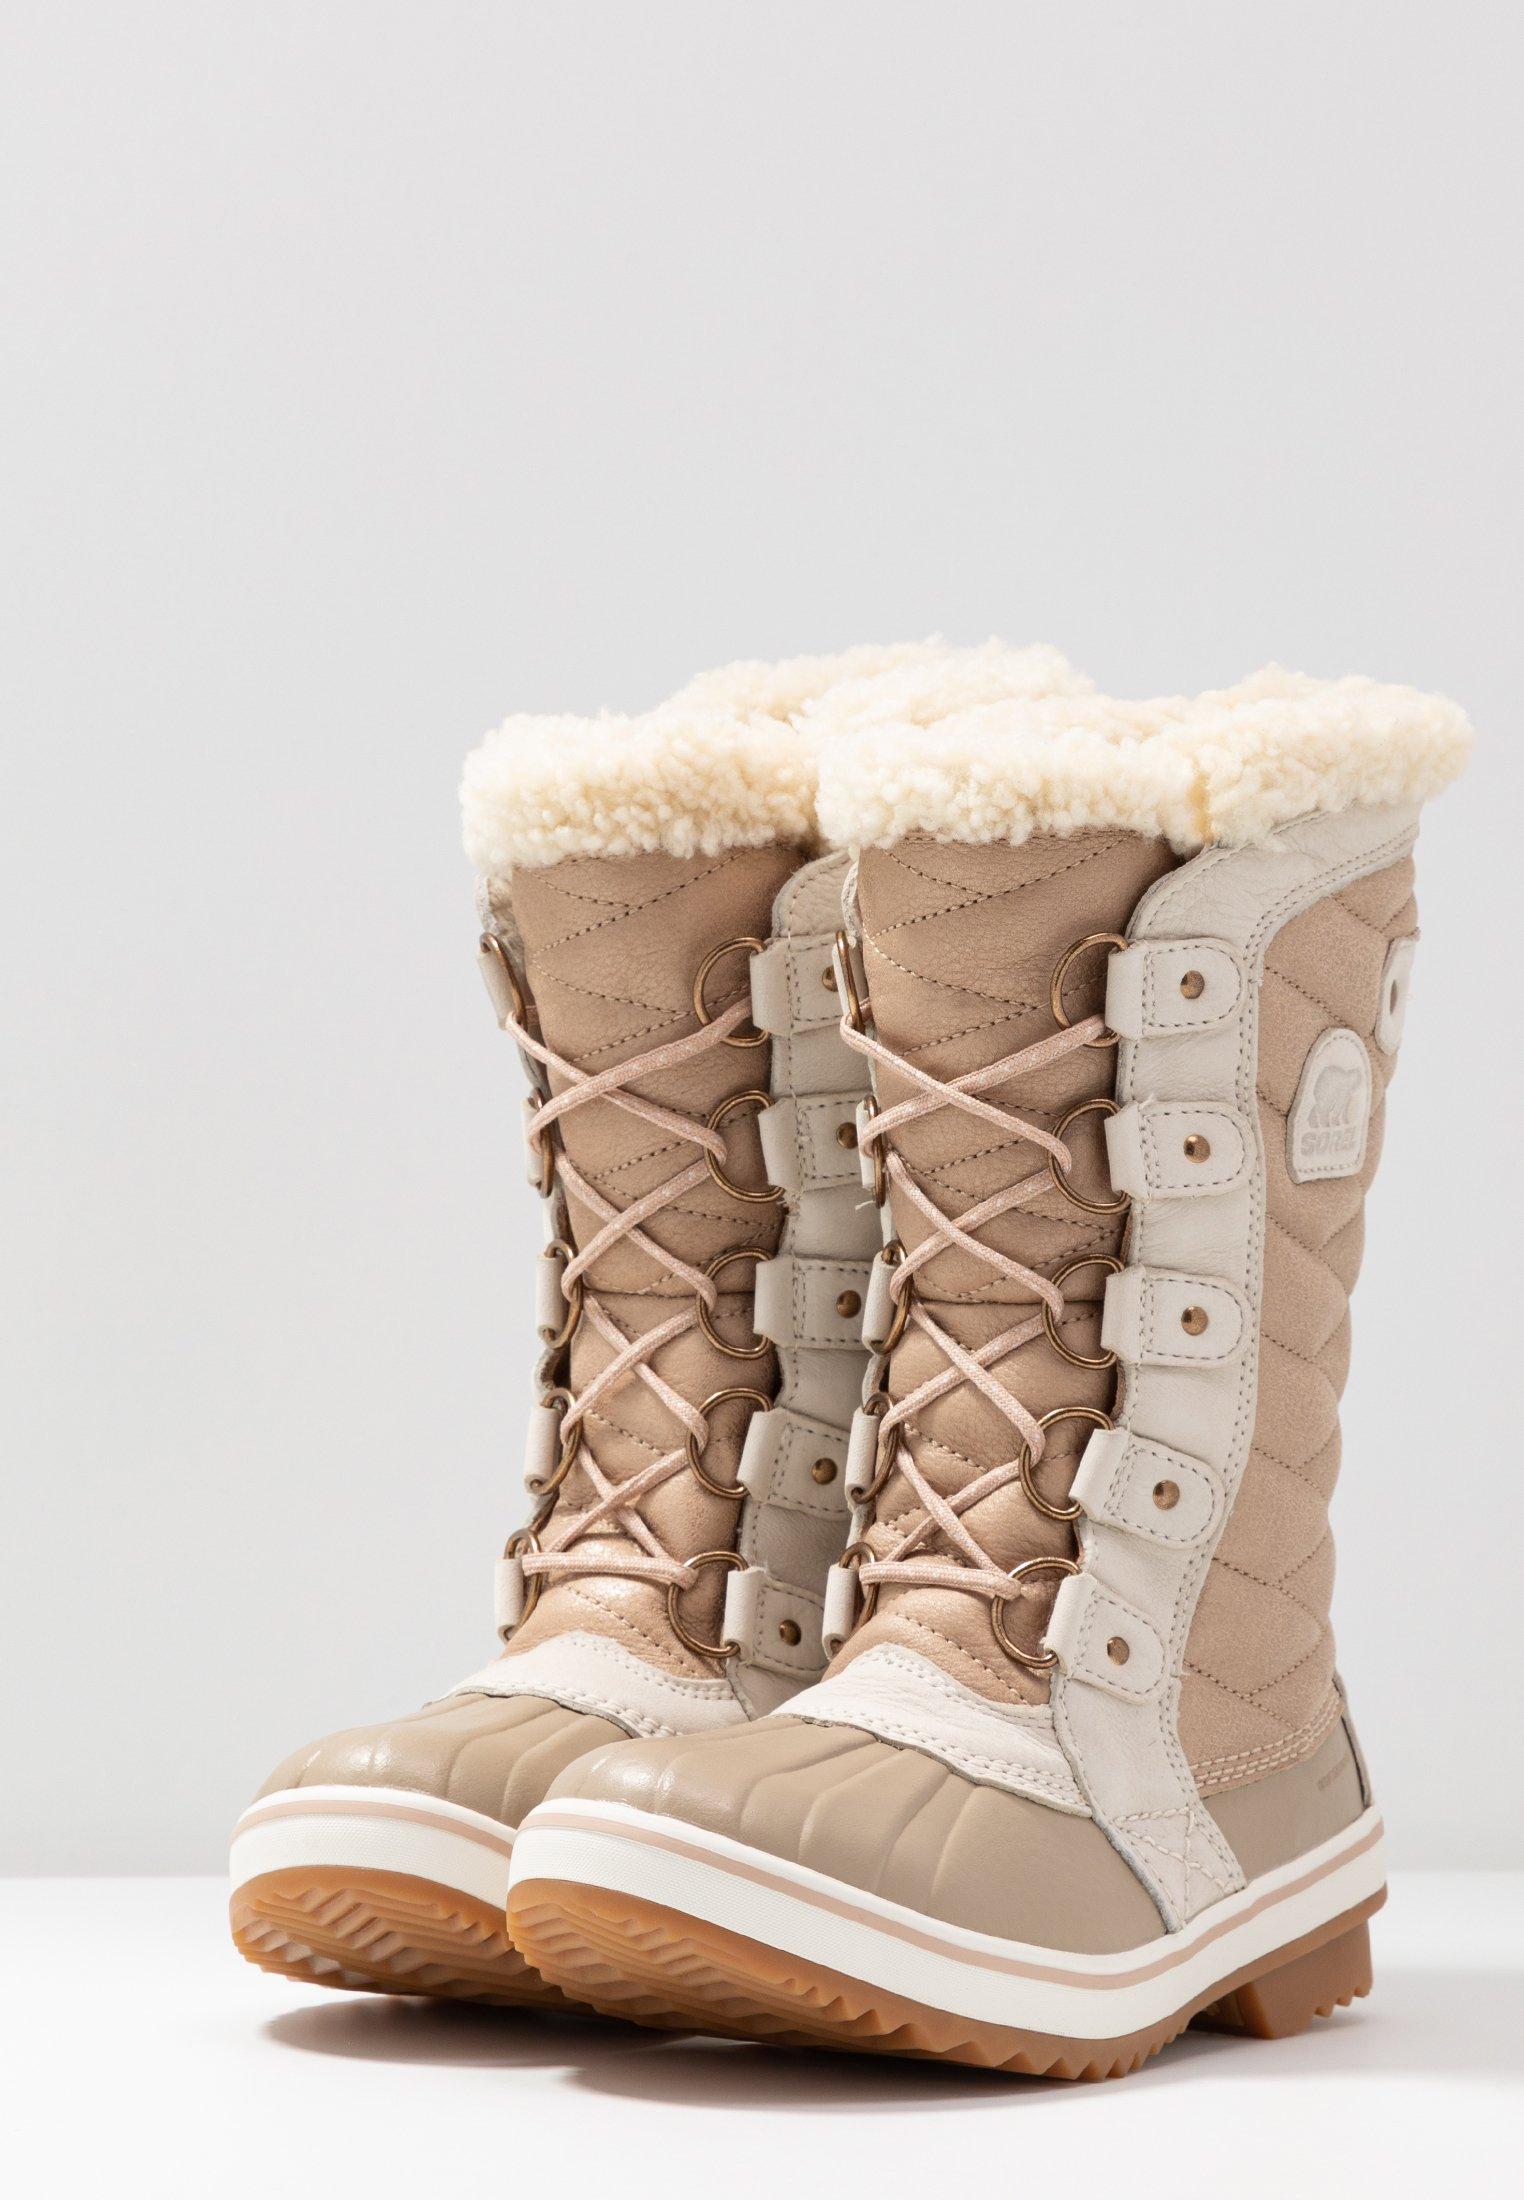 Sorel TOFINO II LUX - Bottes de neige - natural tan - Bottes femme Haute qualité